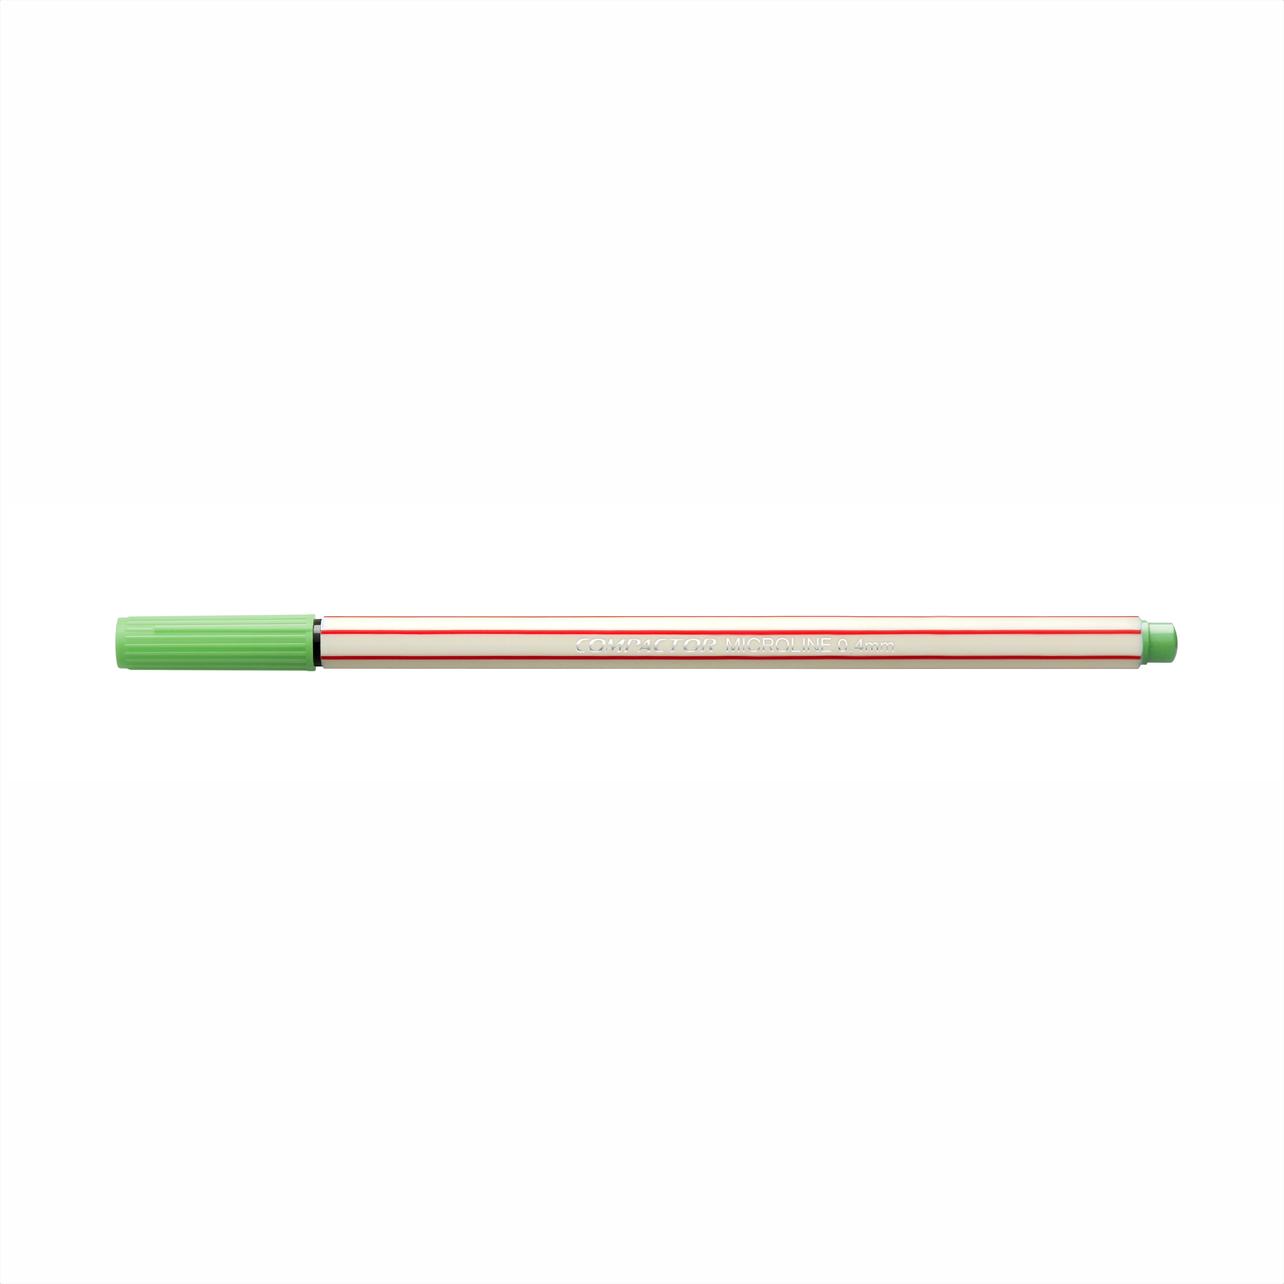 Caneta Hidrográfica 0.4 verde claro MICROLINE Compactor